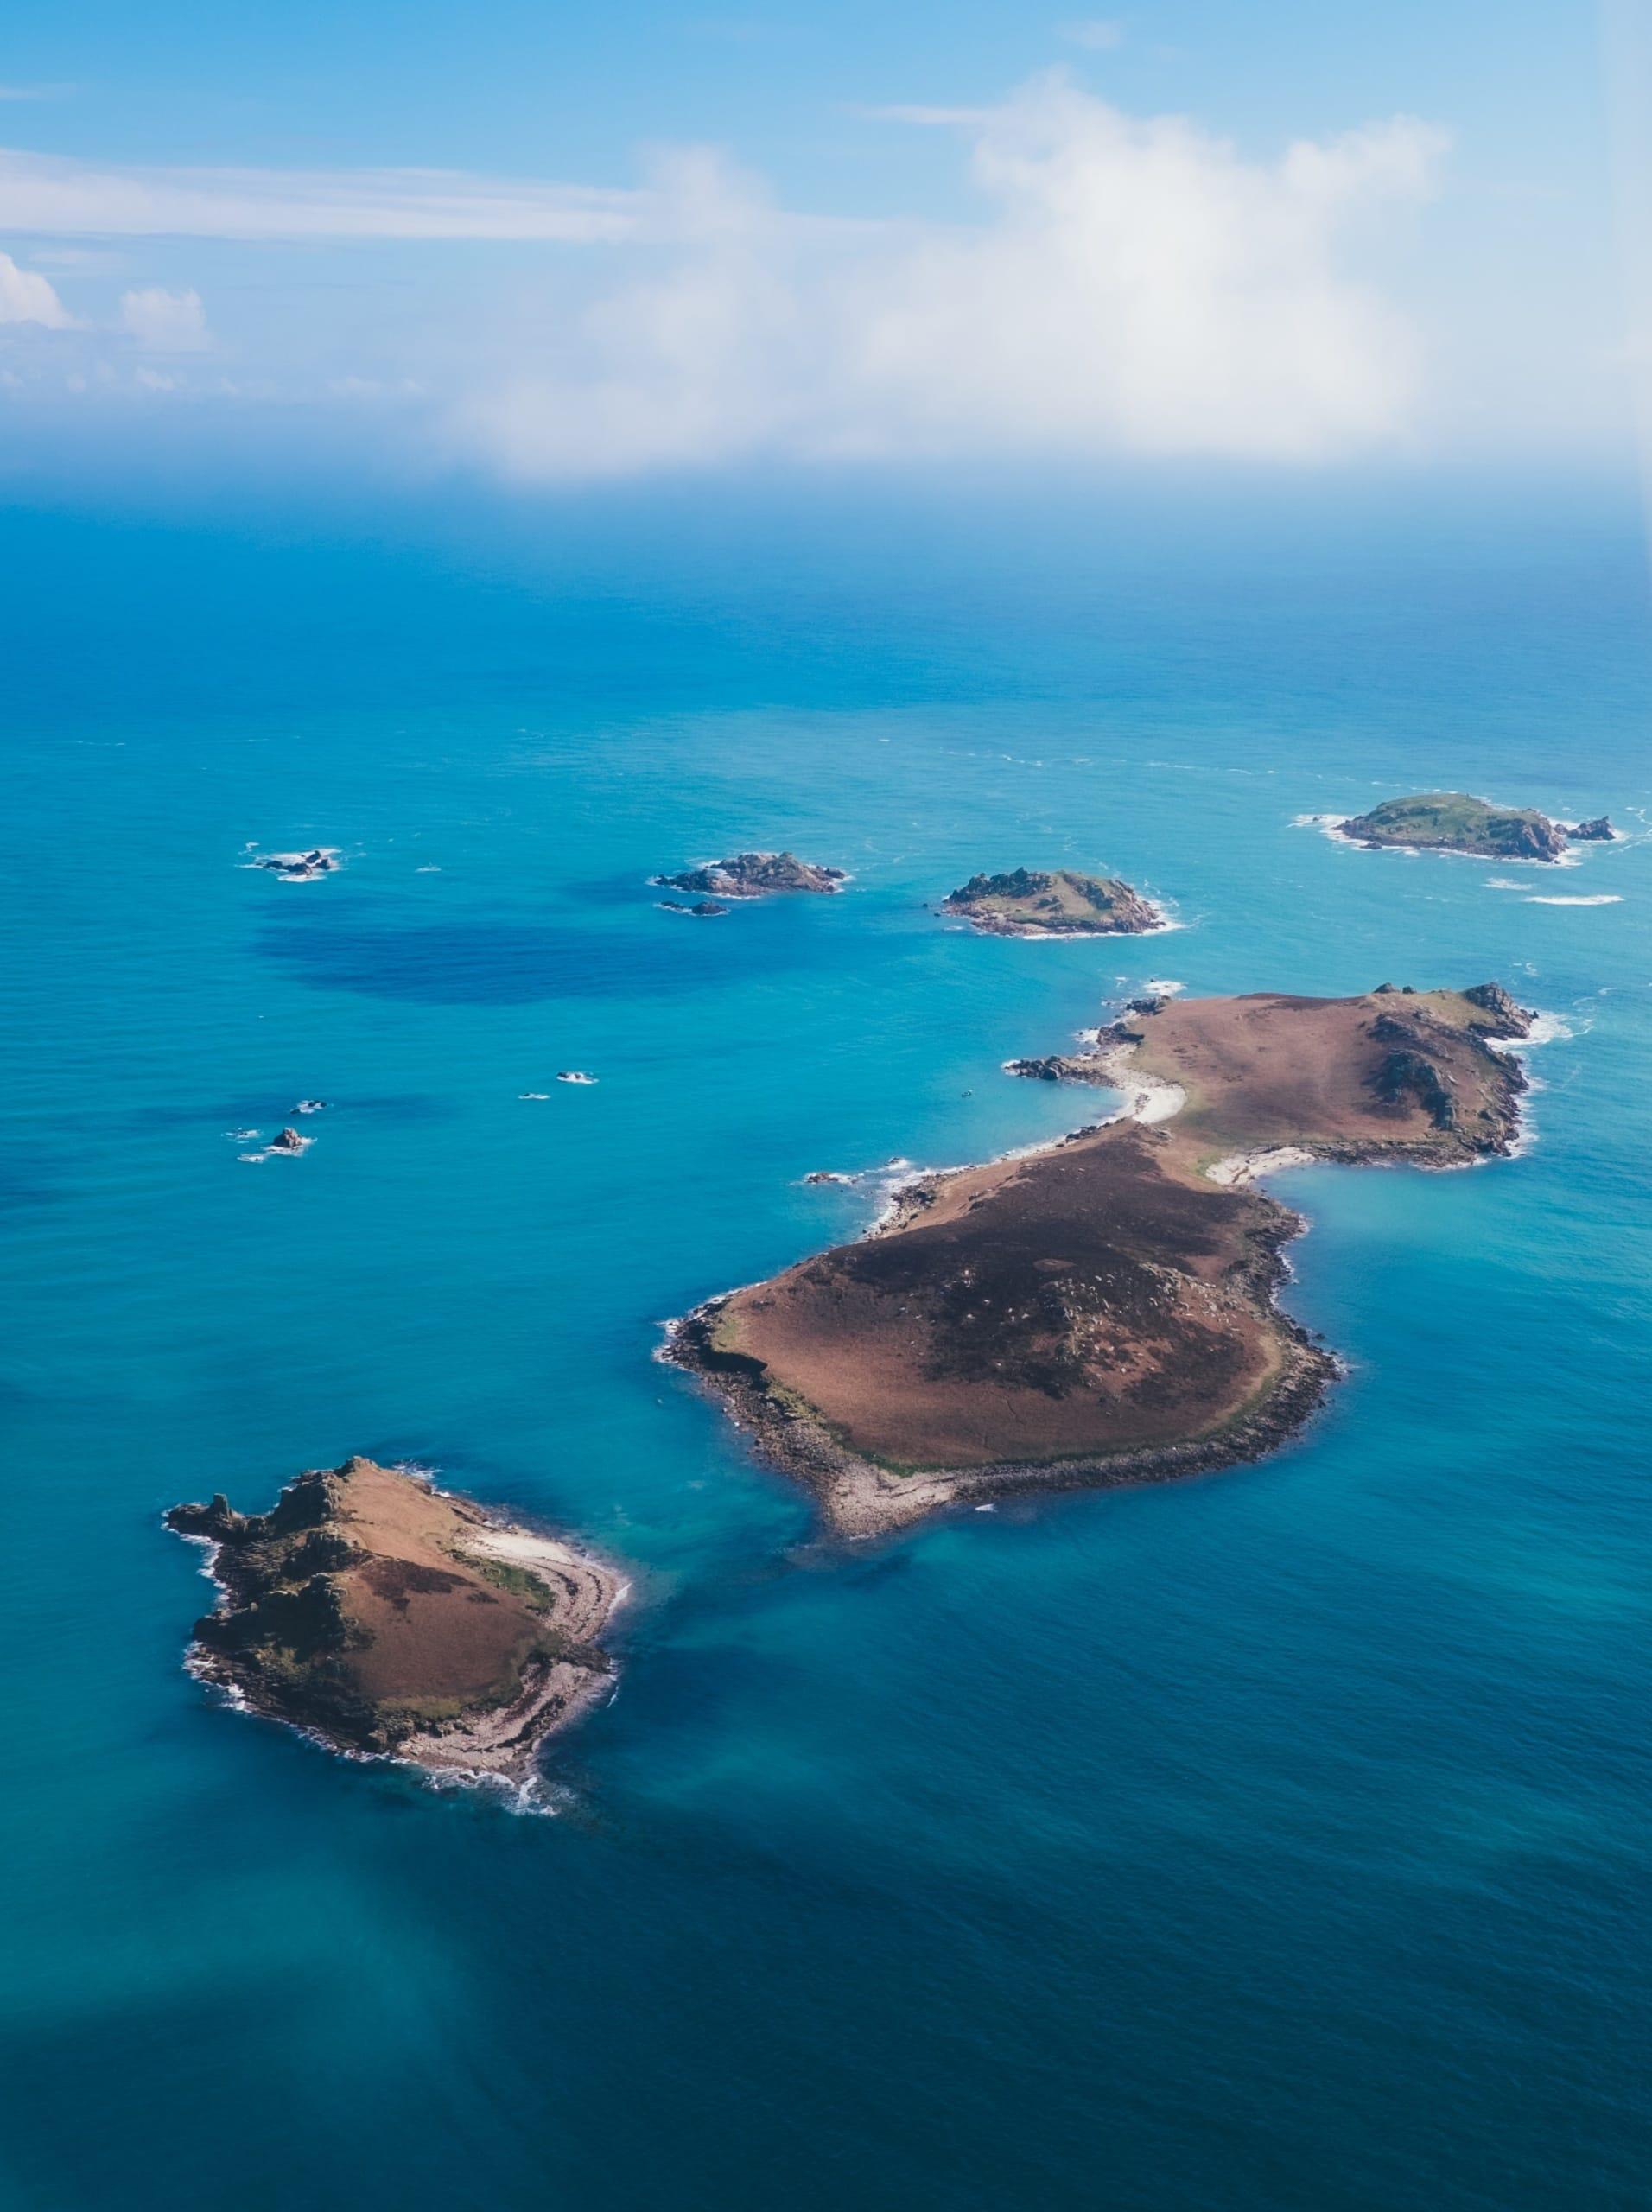 Die schönsten britischen Inseln: Ilse of Scilly